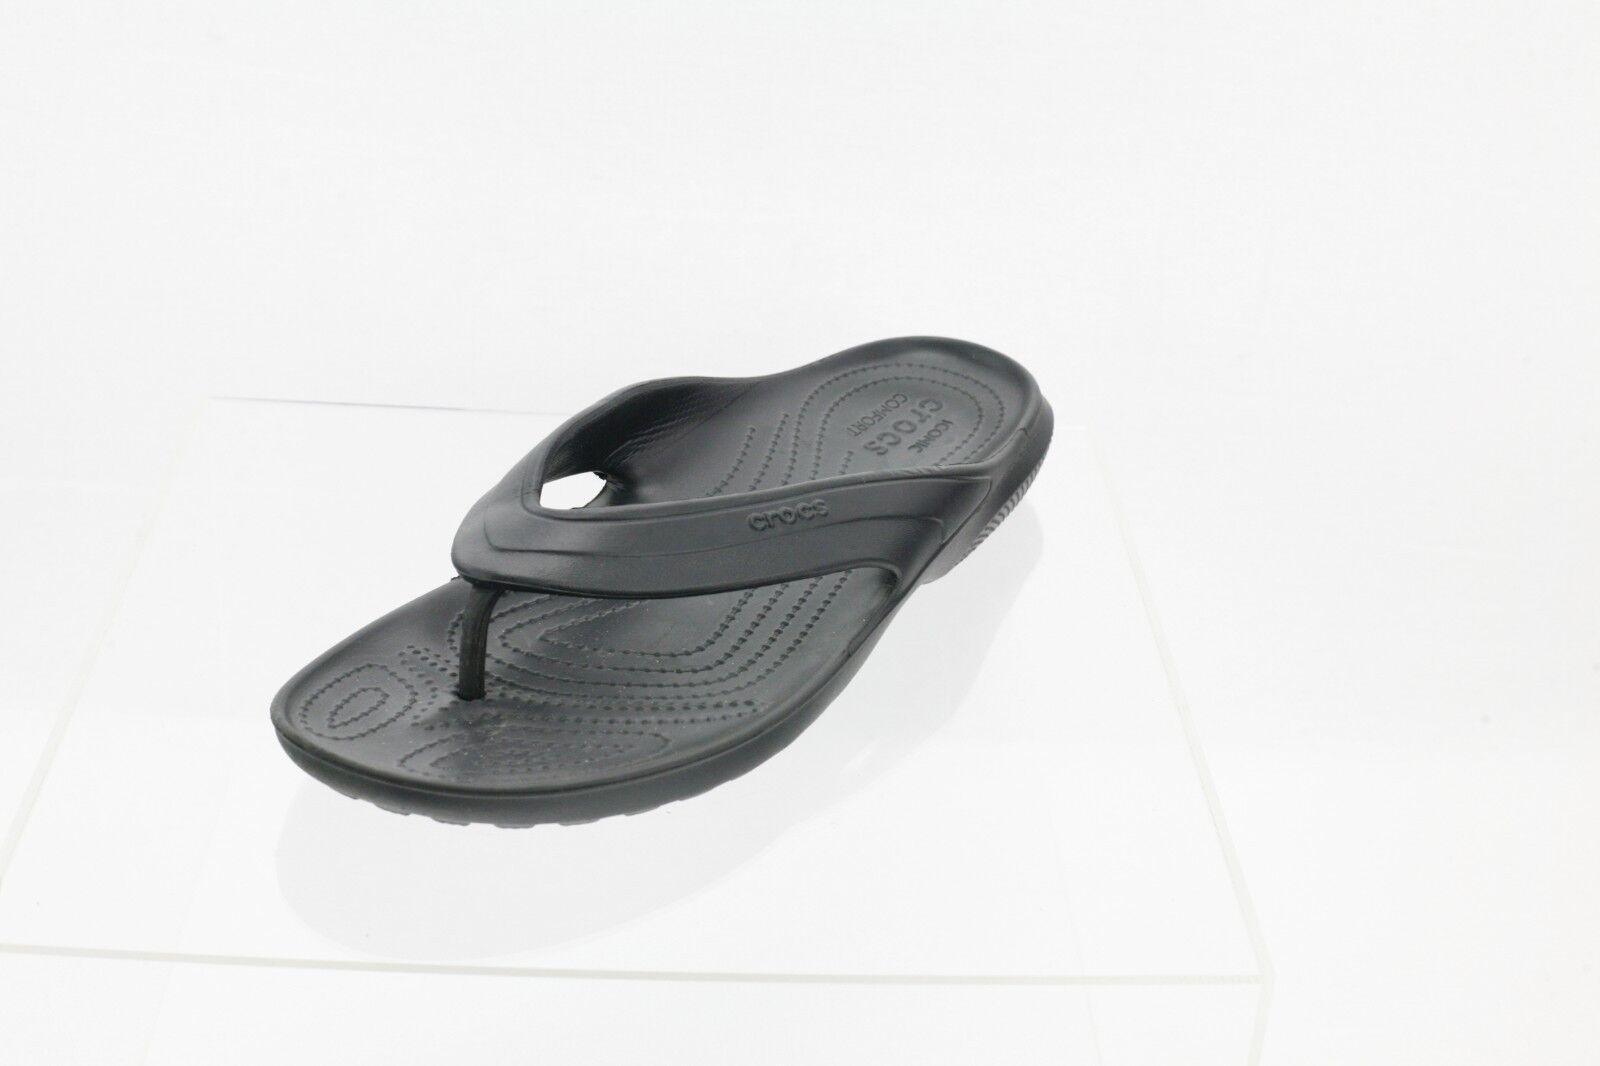 Crocs Classic Flip Flop Sandal 202635-001 Men's Black Men's 202635-001 Shoes Size 11 M 3f0efe